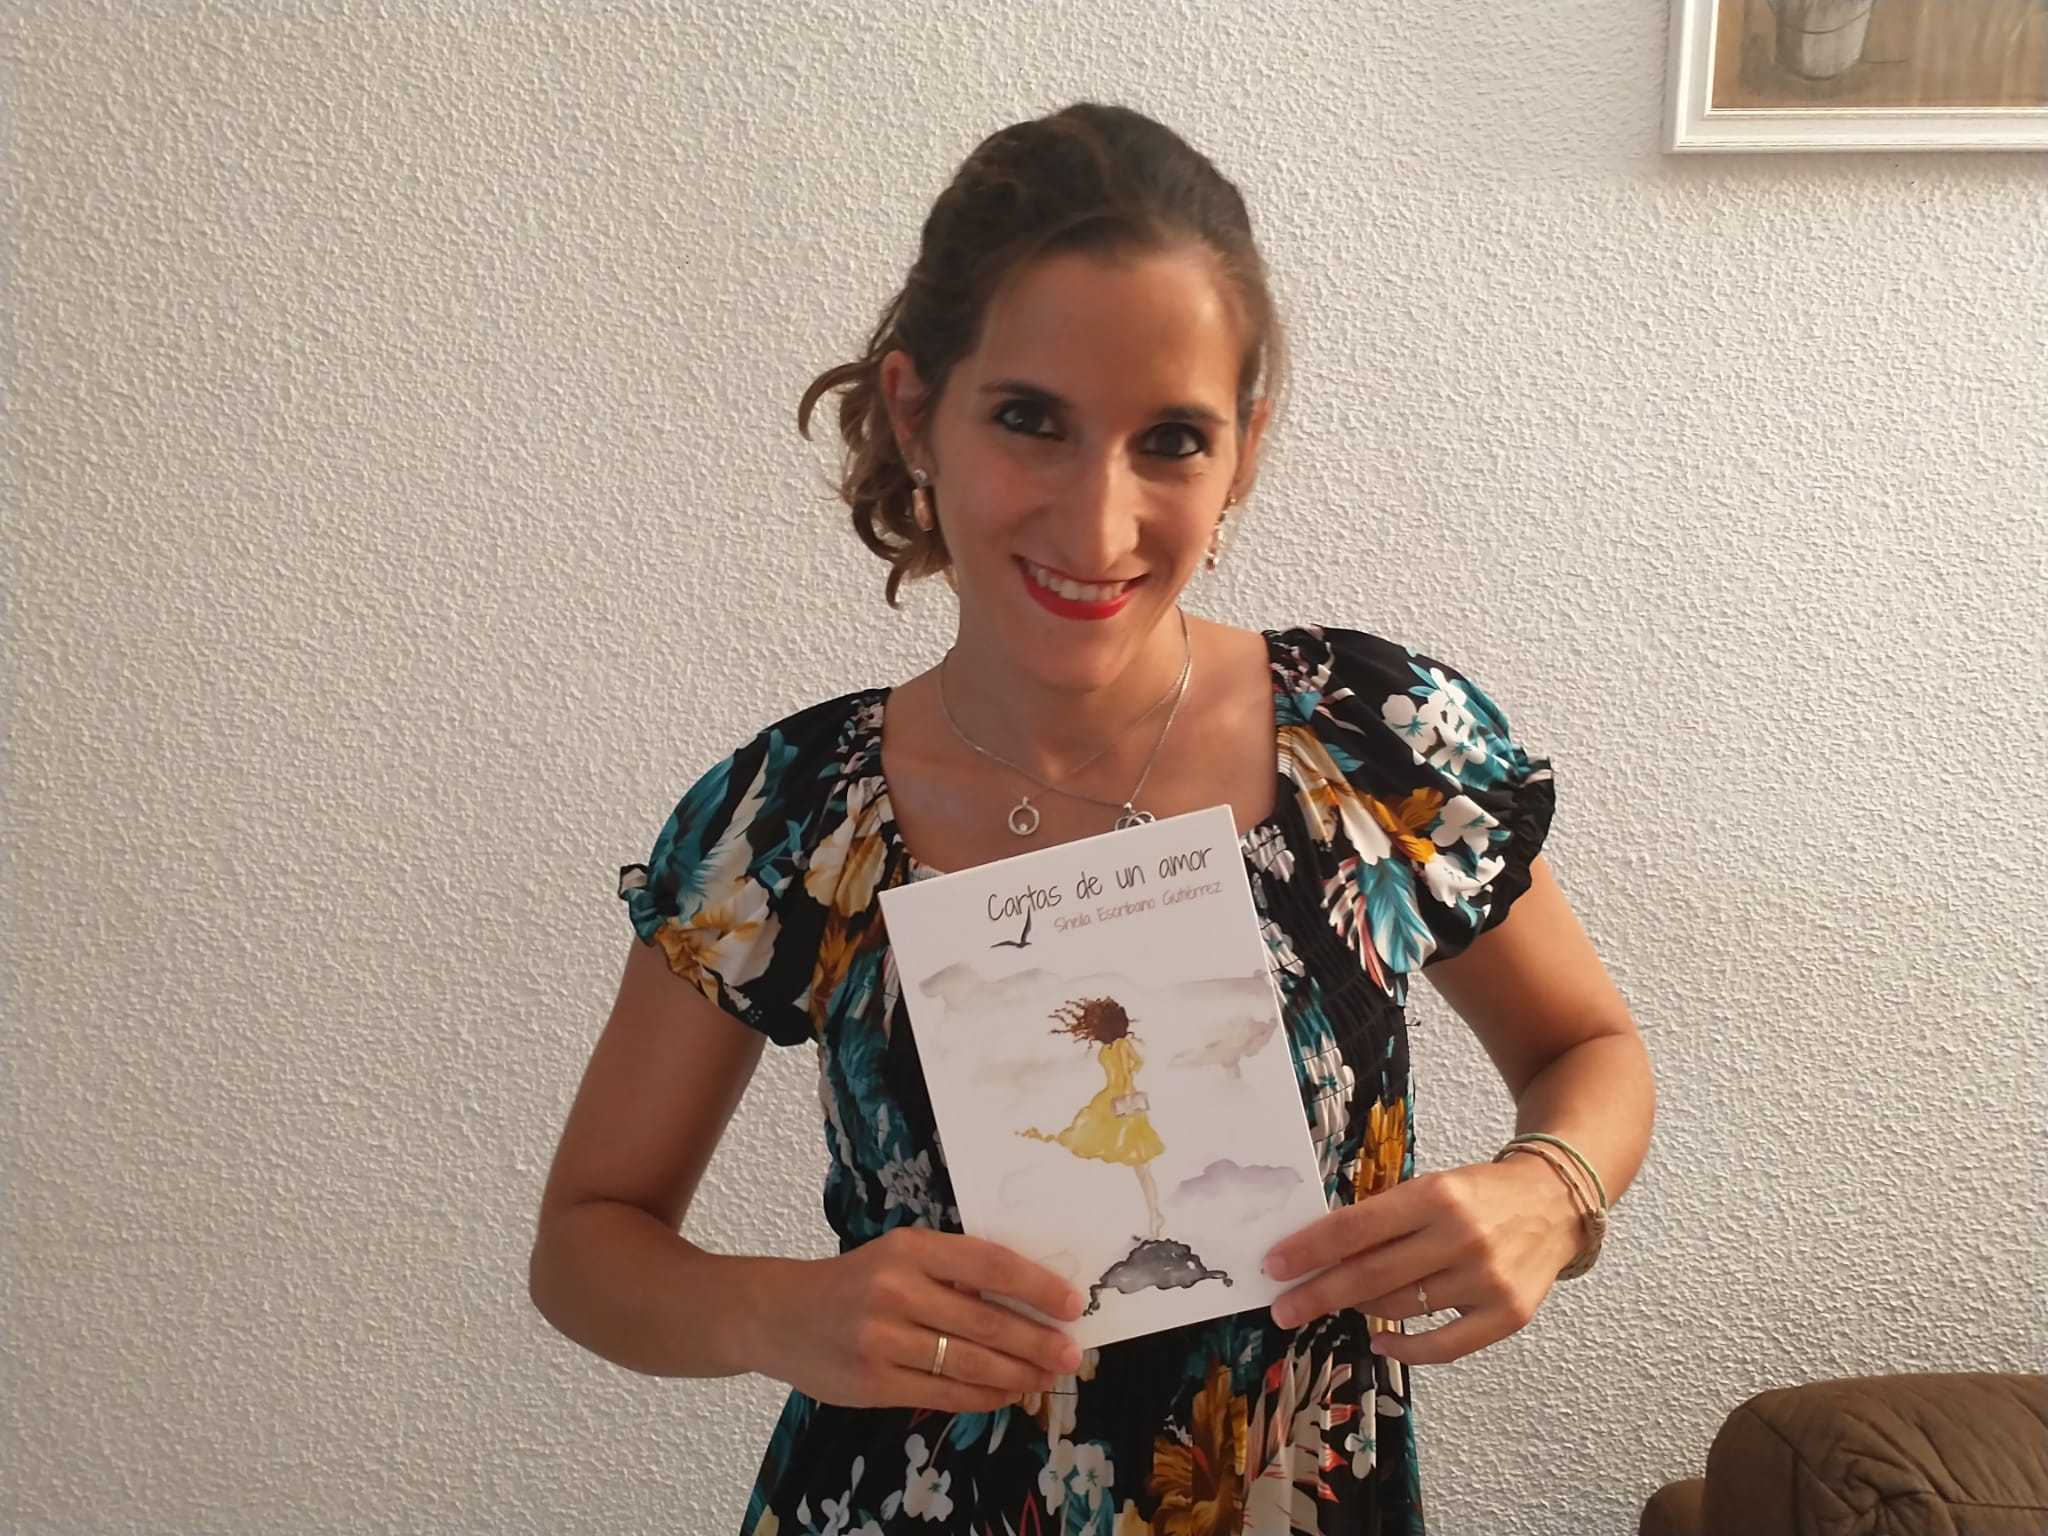 «Cartas de un amor», el primer libro de la cordobesa Sheila Escribano